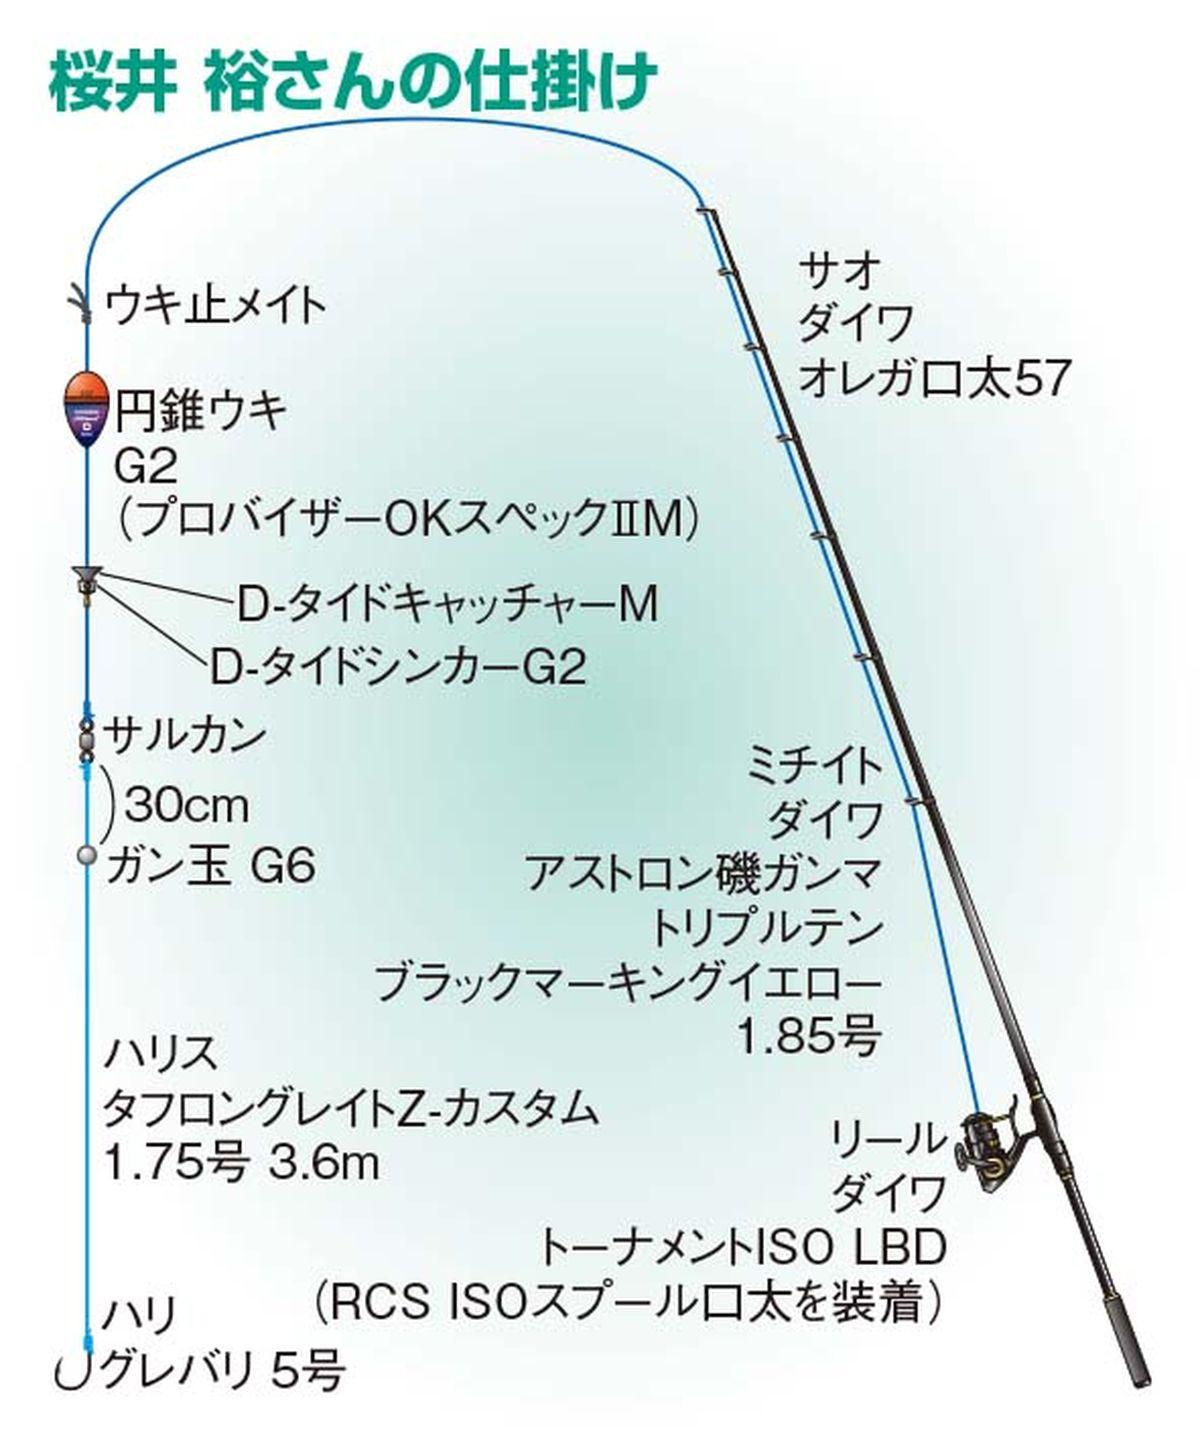 120_123_tsuyumejina_cs6 (2)